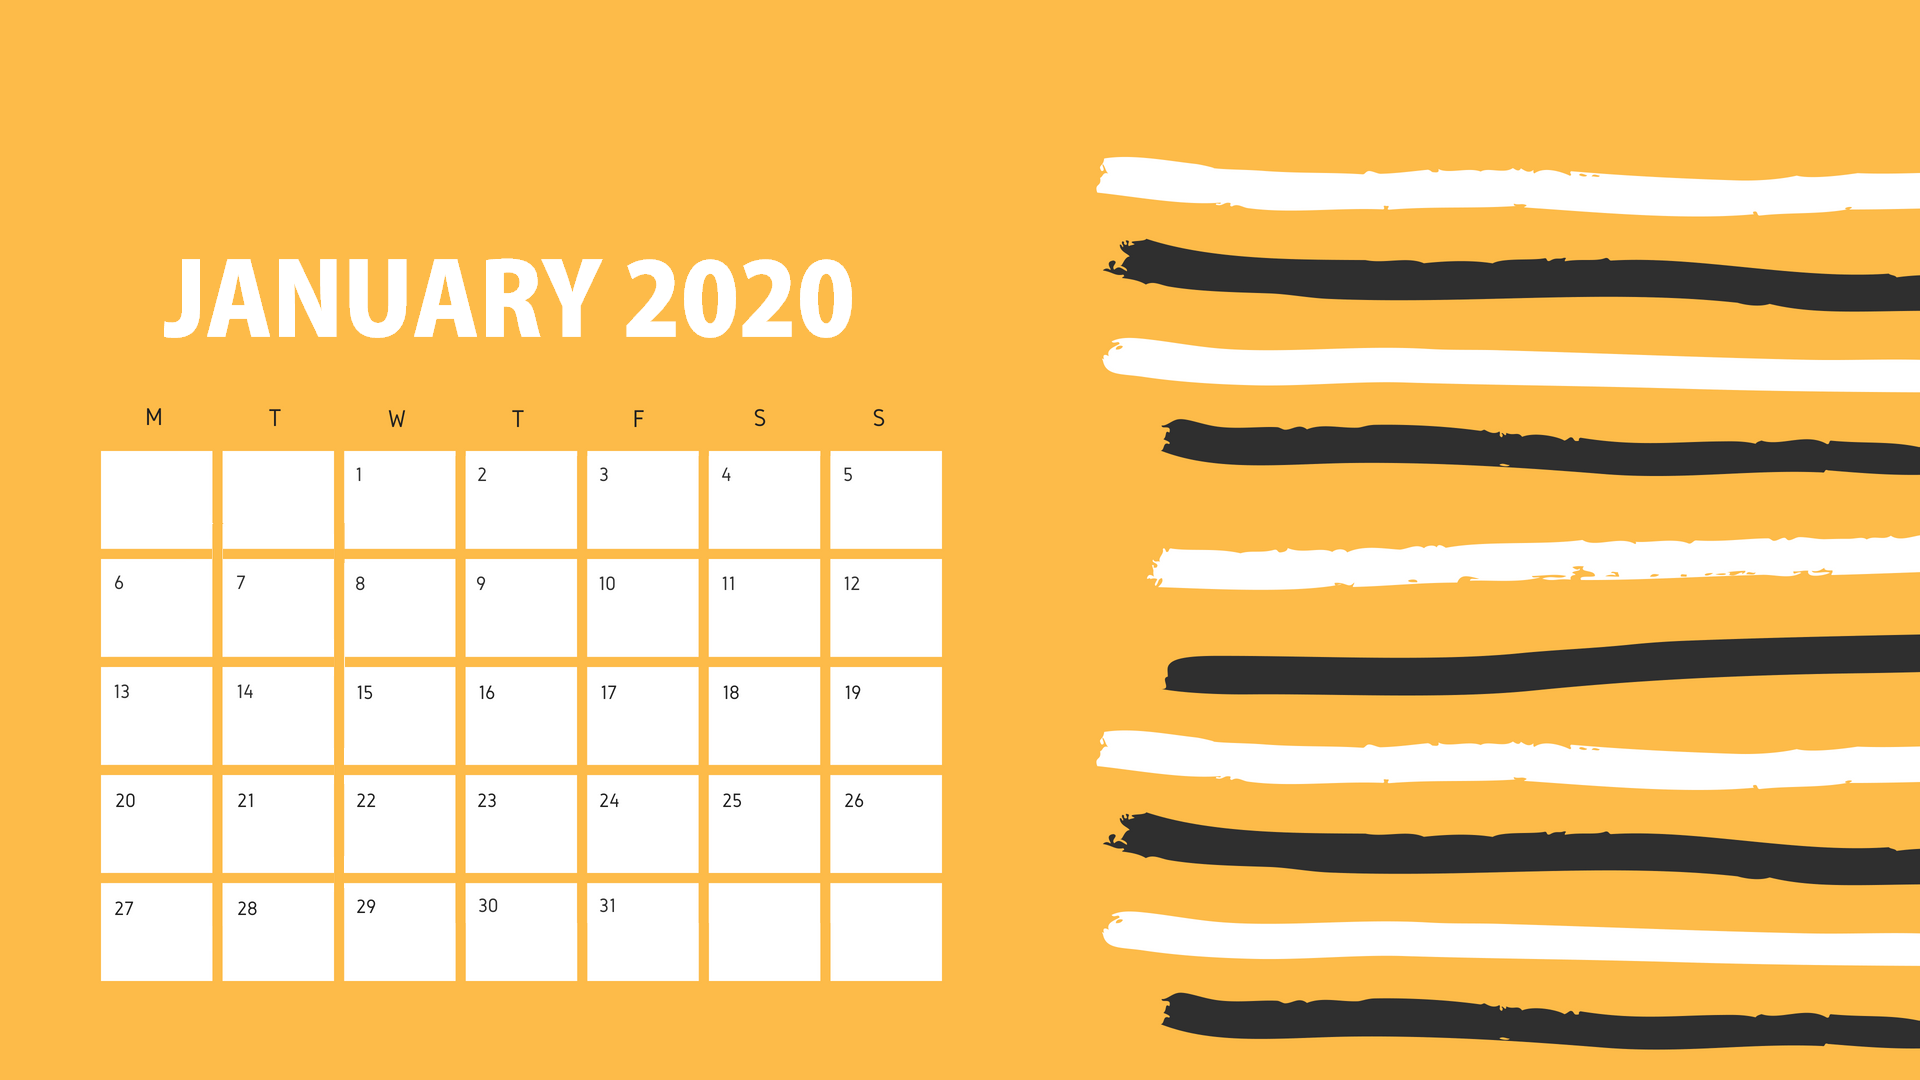 January 2020 Calendar Wallpapers   Top January 2020 Calendar 1920x1080